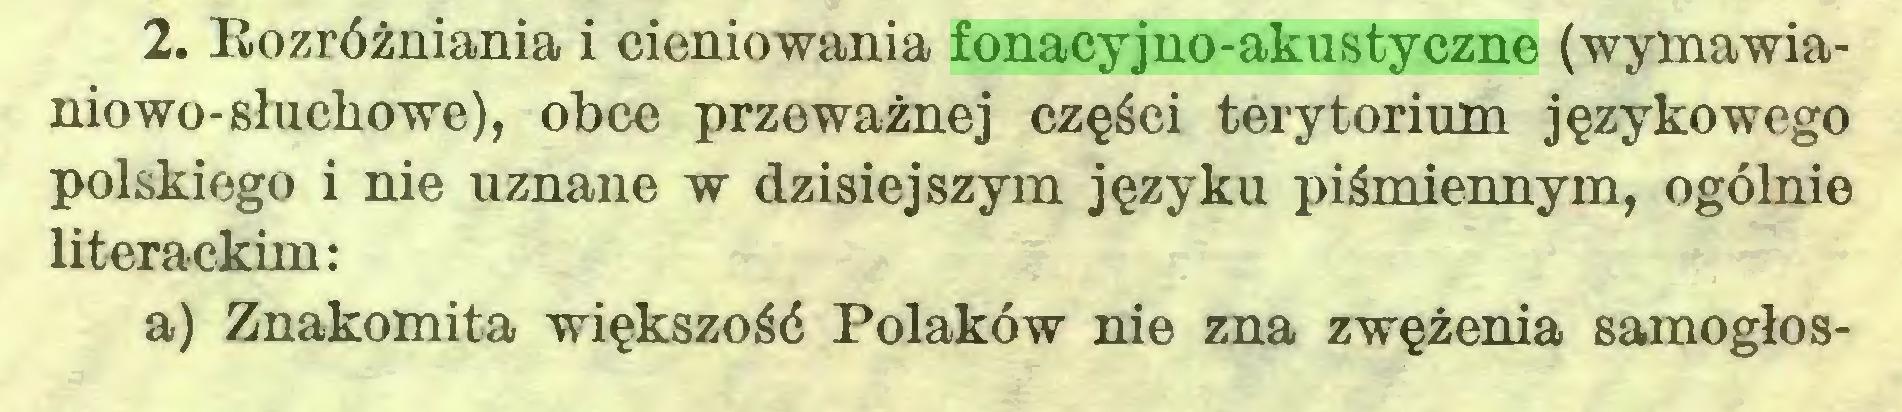 (...) 2. Rozróżniania i cieniowania fonacyjno-akustyczne (wymawianiowo-słuchowe), obce przeważnej części terytorium językowego polskiego i nie uznane w dzisiejszym języku piśmiennym, ogólnie literackim: a) Znakomita większość Polaków nie zna zwężenia samogłos...